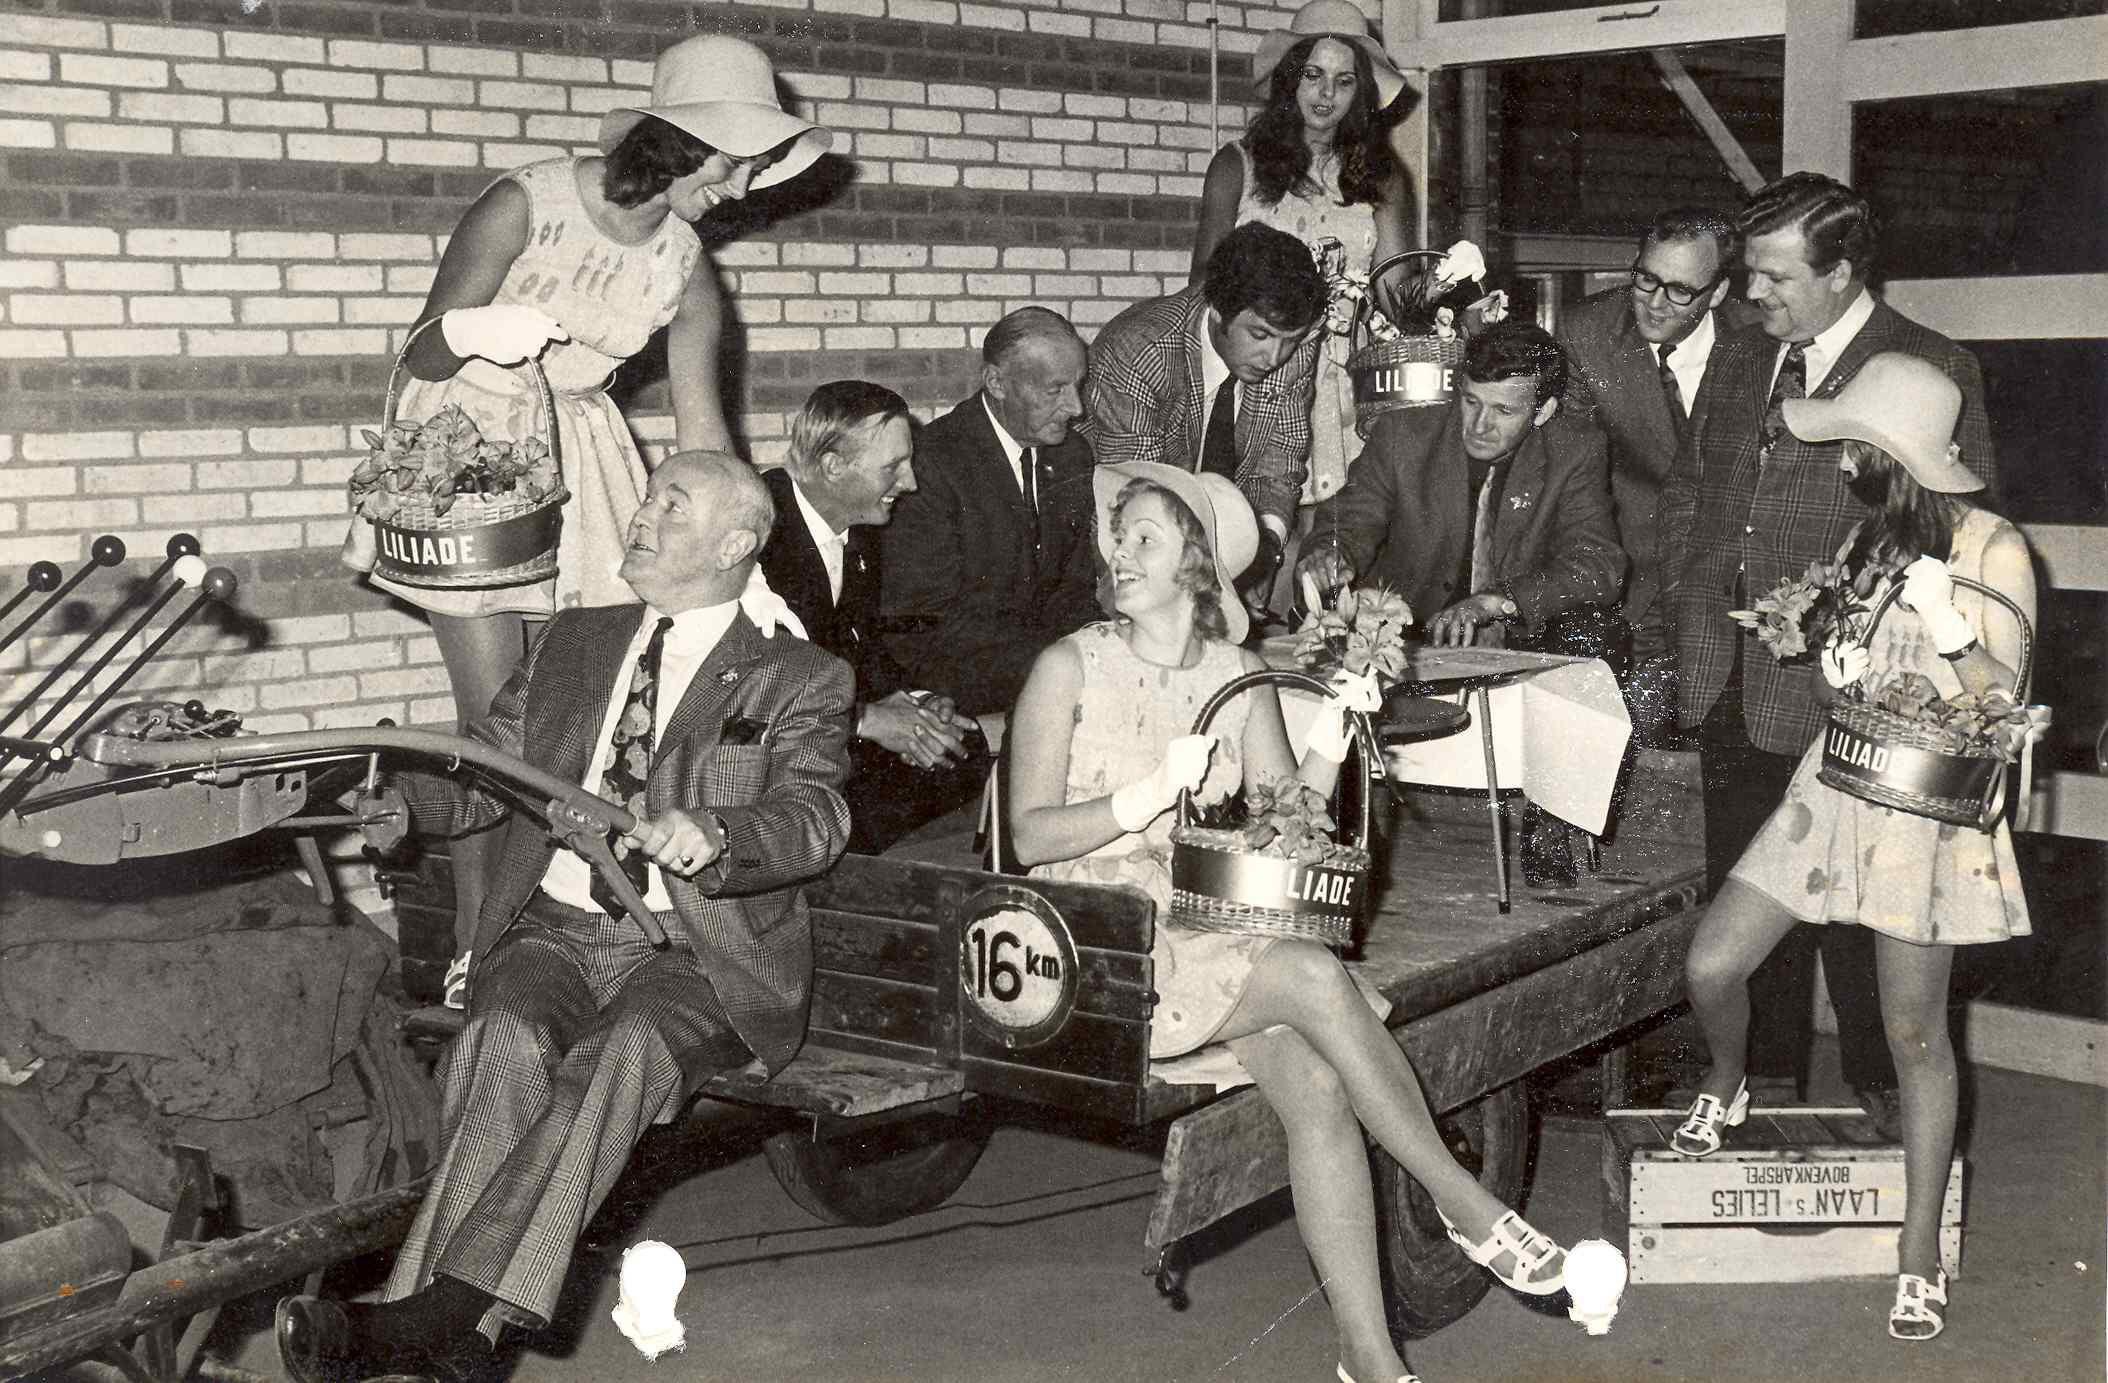 Bloemenmeisjes en bestuursleden in 1972, met N.P. de Vries, P. Schouten, H. Hoogervorst, N. Laan, H. Kops, P. Baas en P. Struyff.